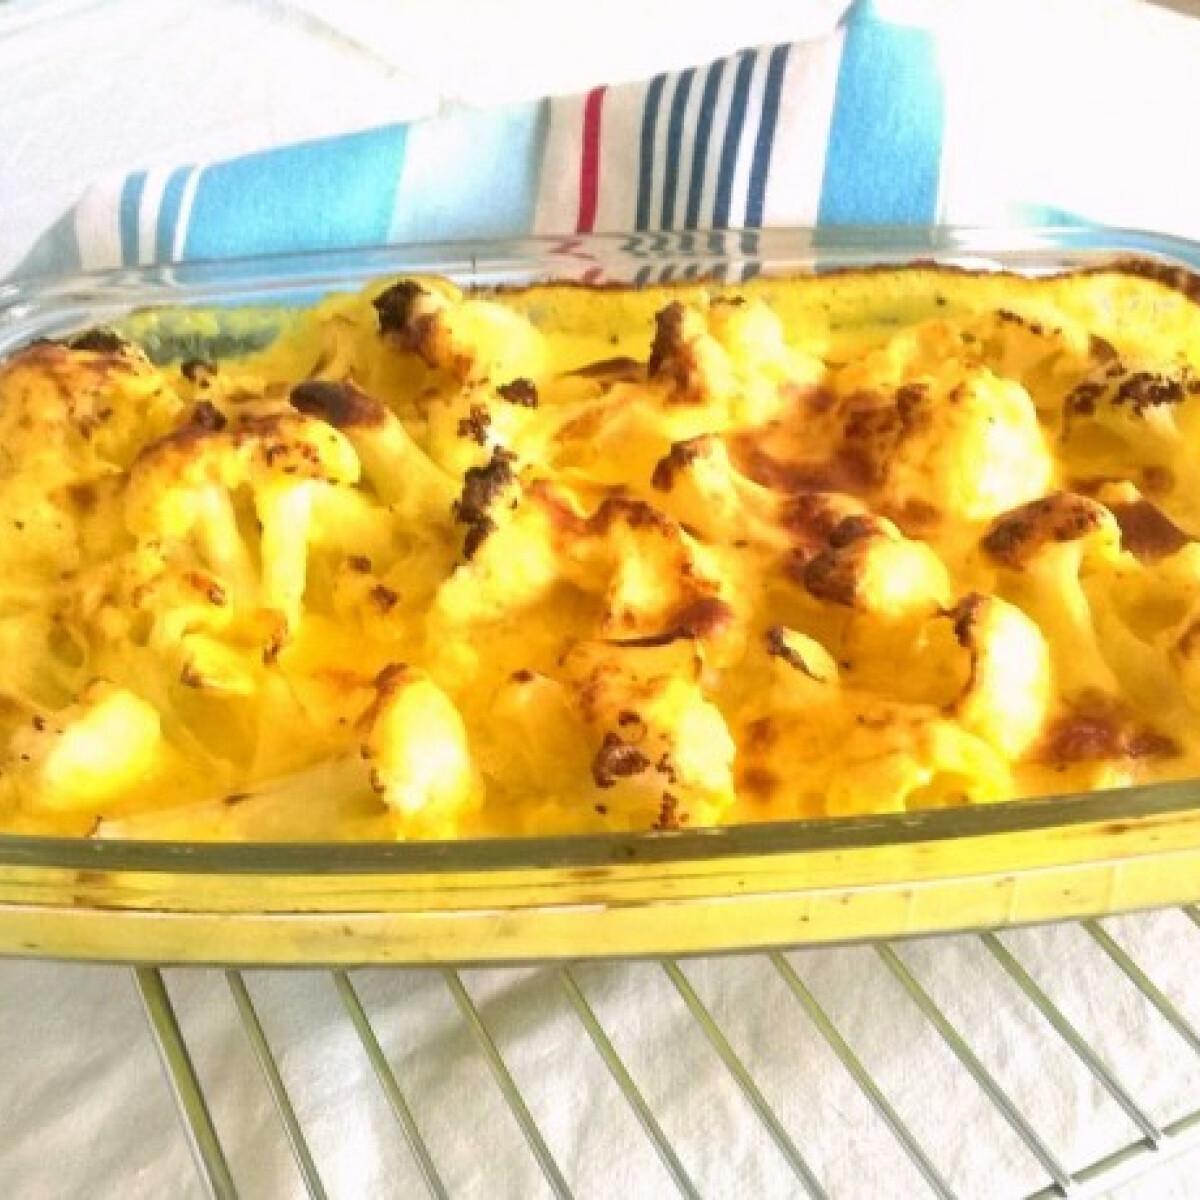 Kafiol sajtszószban sütve gluténmentesen